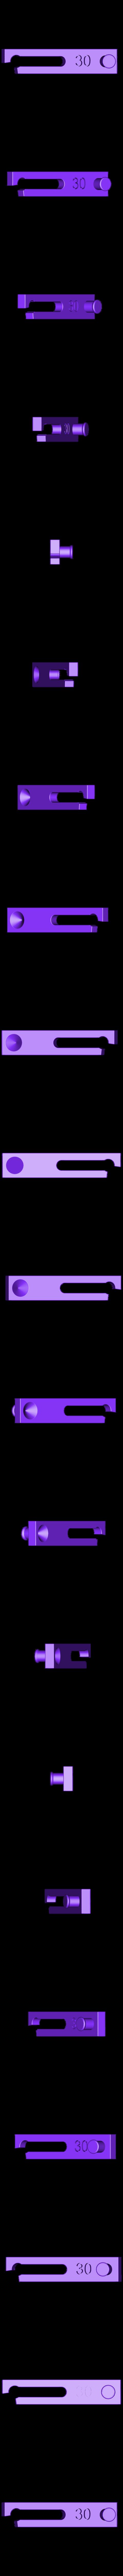 snapStick_30mm.stl Download free STL file Snap Stick, Bar, Interlocking, Math • 3D print model, LGBU